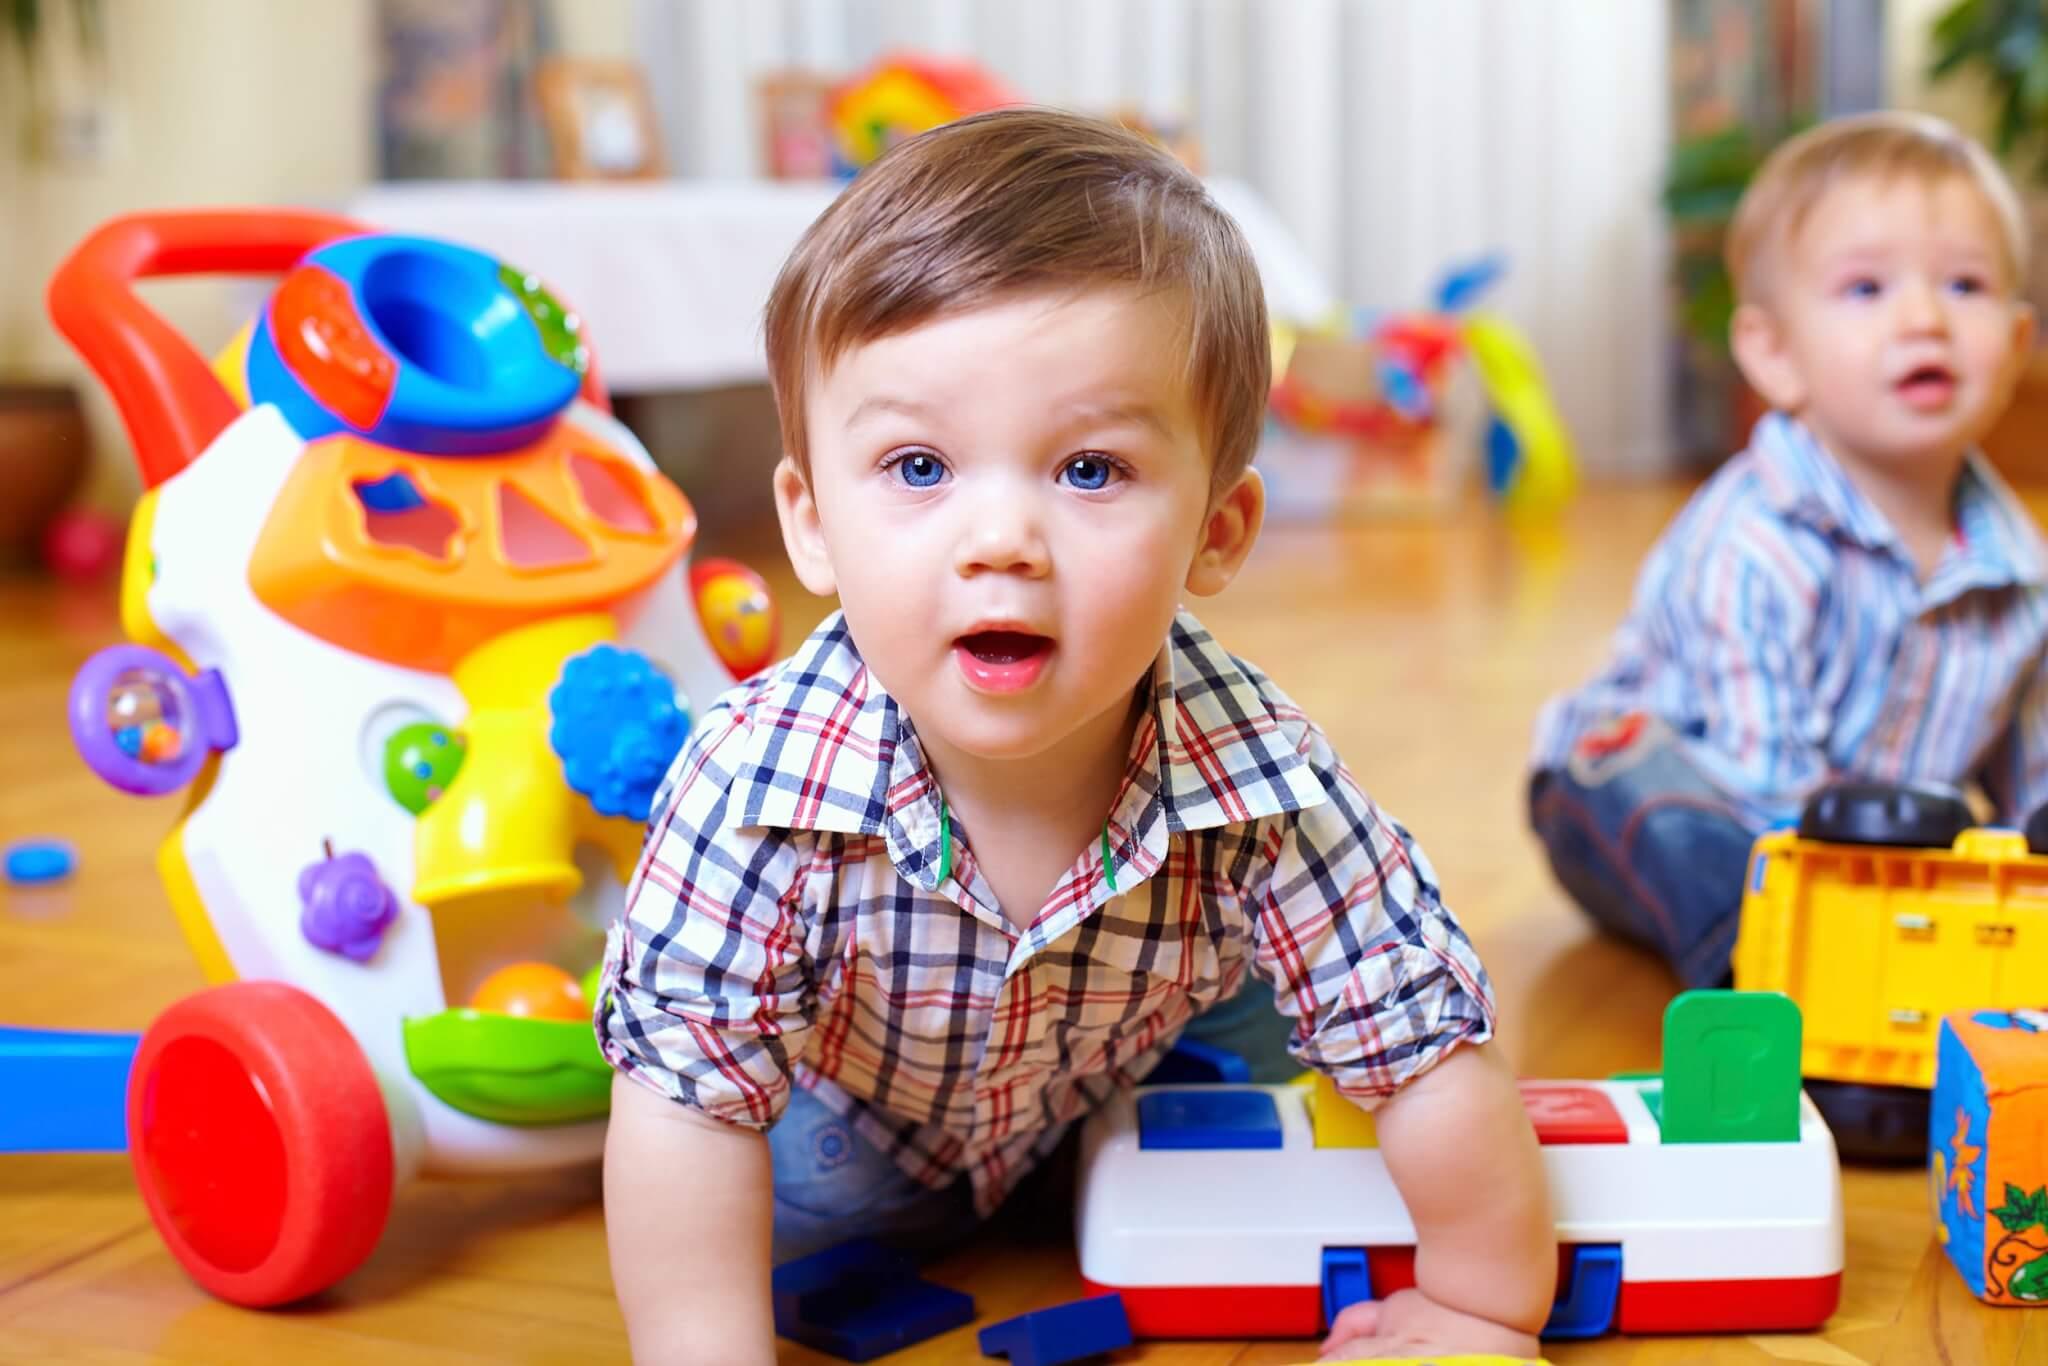 Giochi Per Bambini da Fare in Casa: 2 - 3 Anni